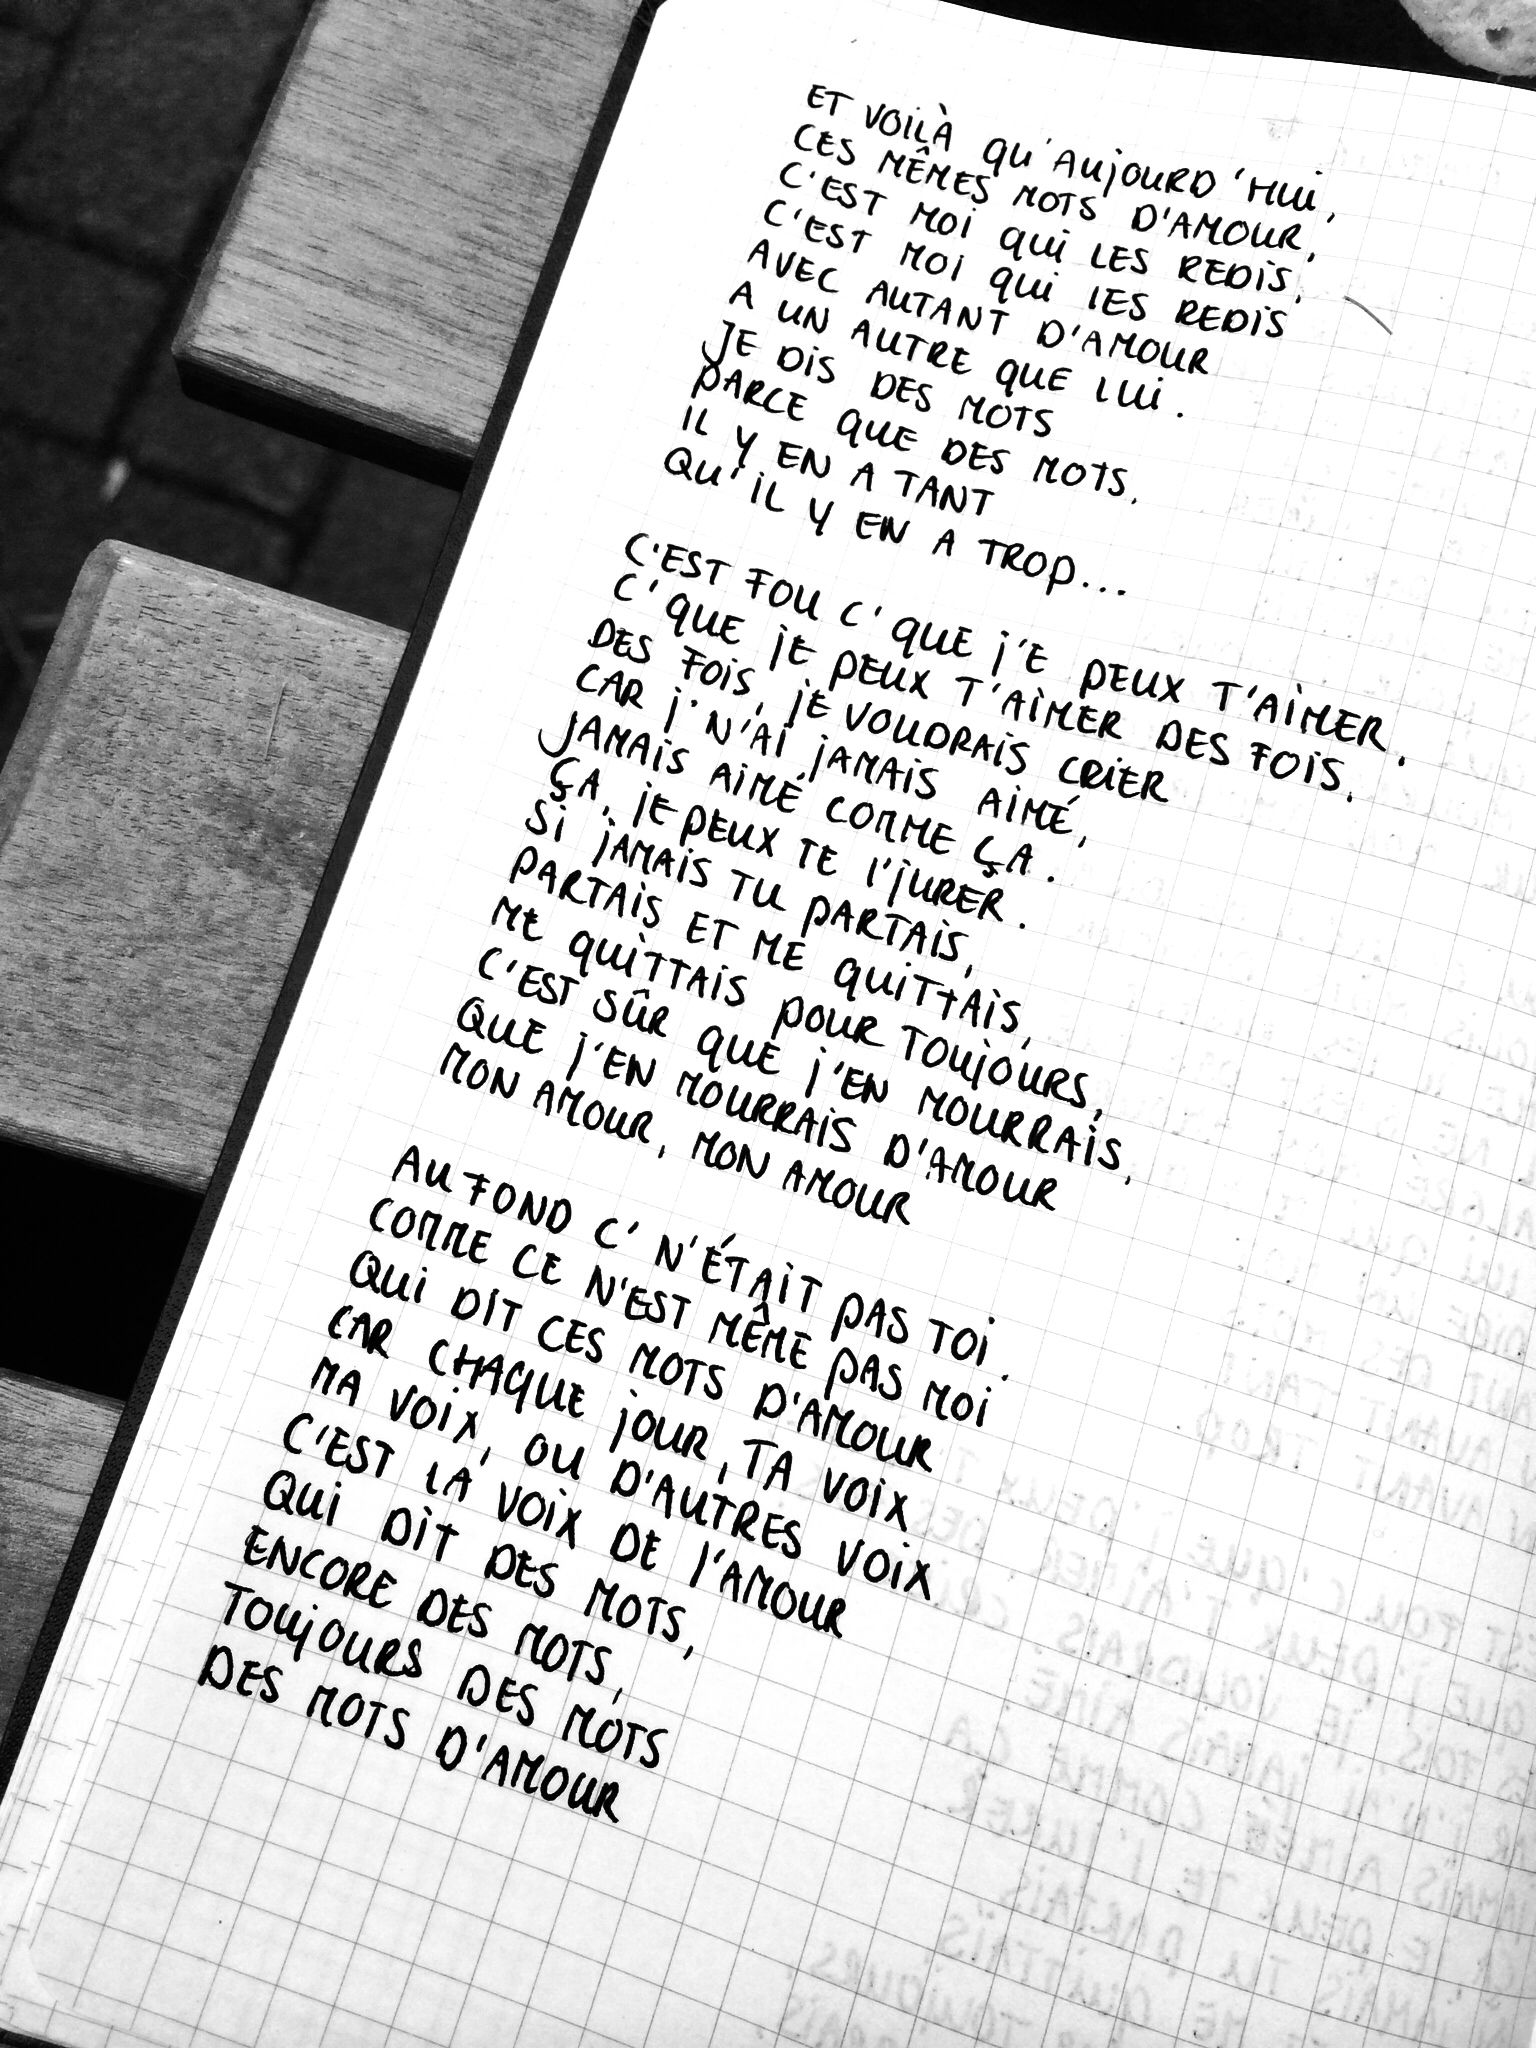 Les mots d'amour